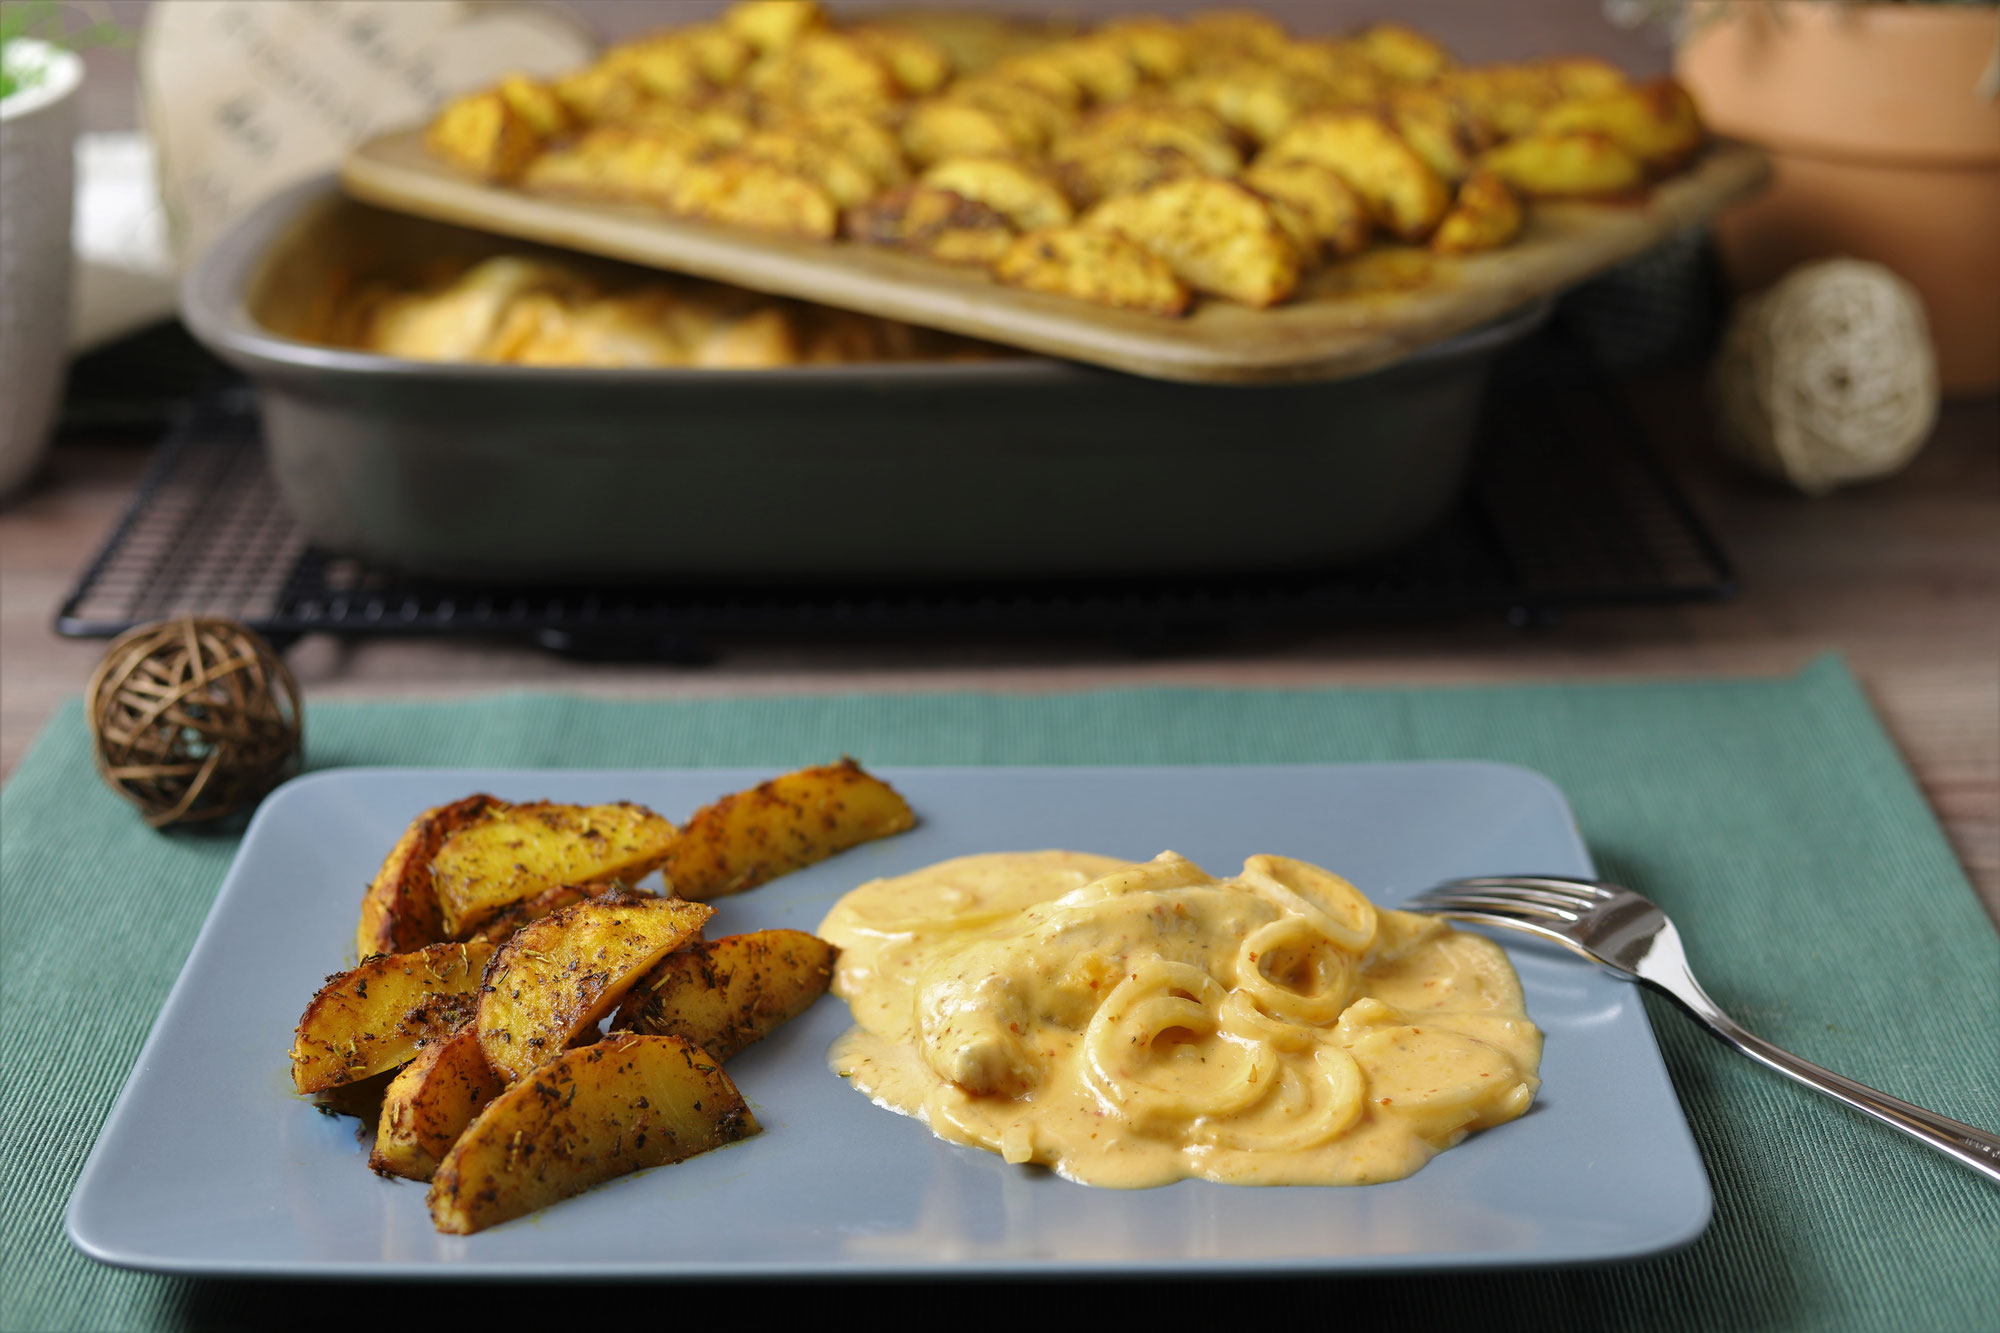 Zwiebel-Hähnchen mit Kartoffelwedges im Grundset von Pampered Chef®